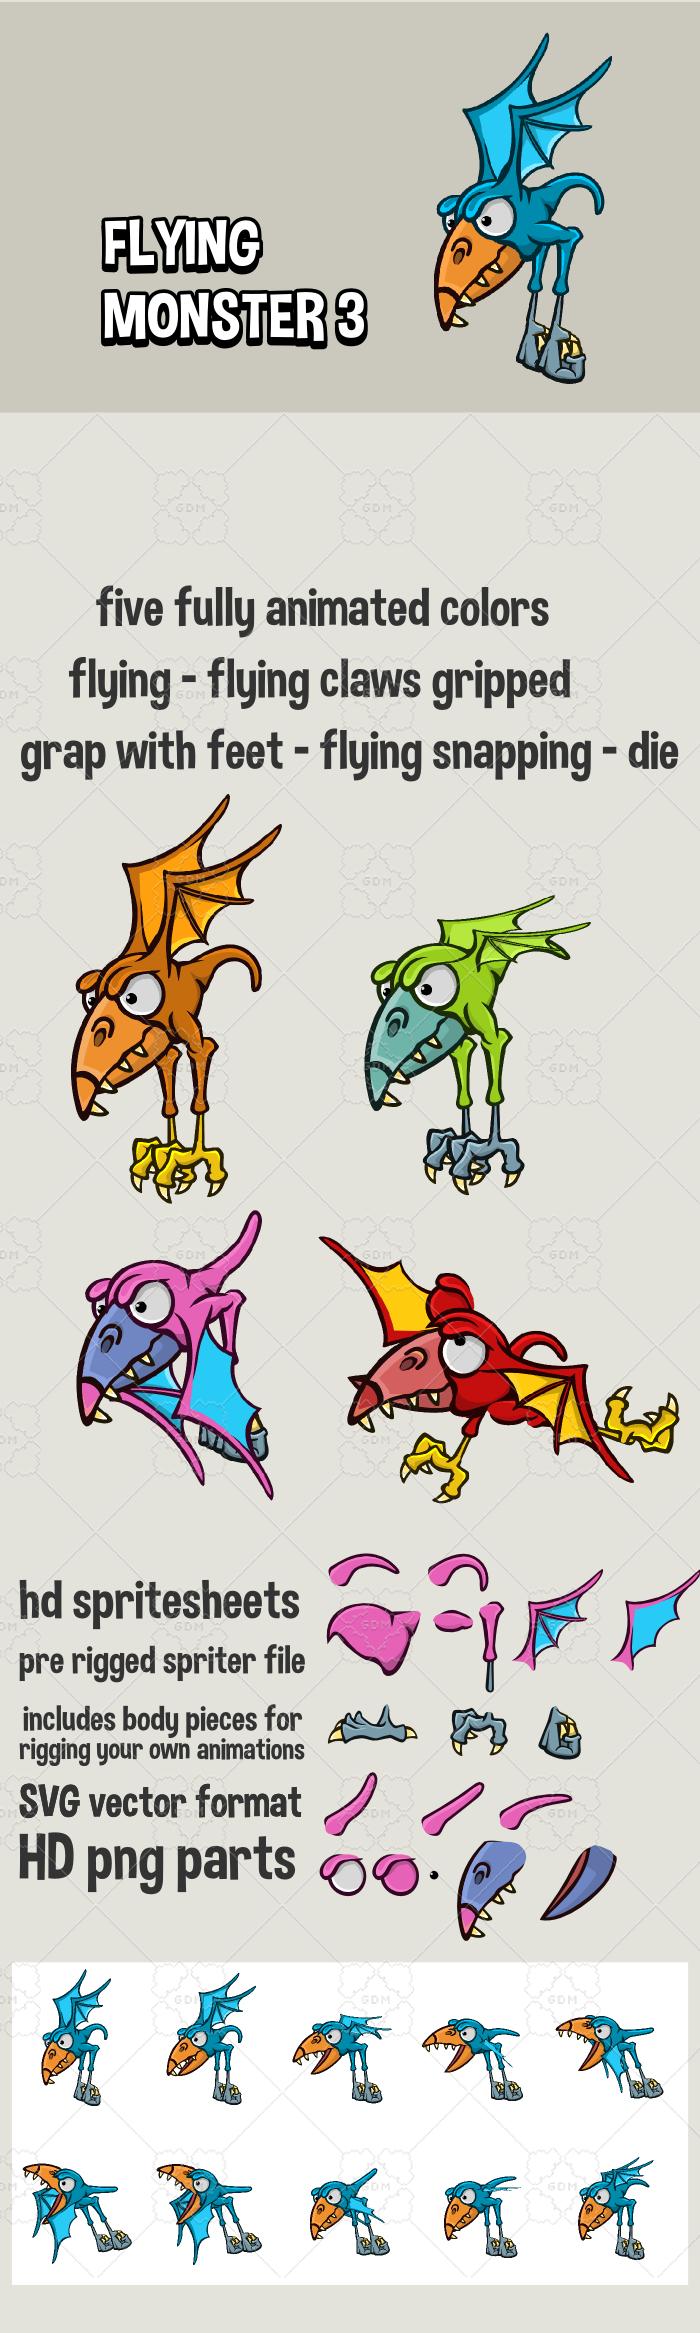 Flying monster 3